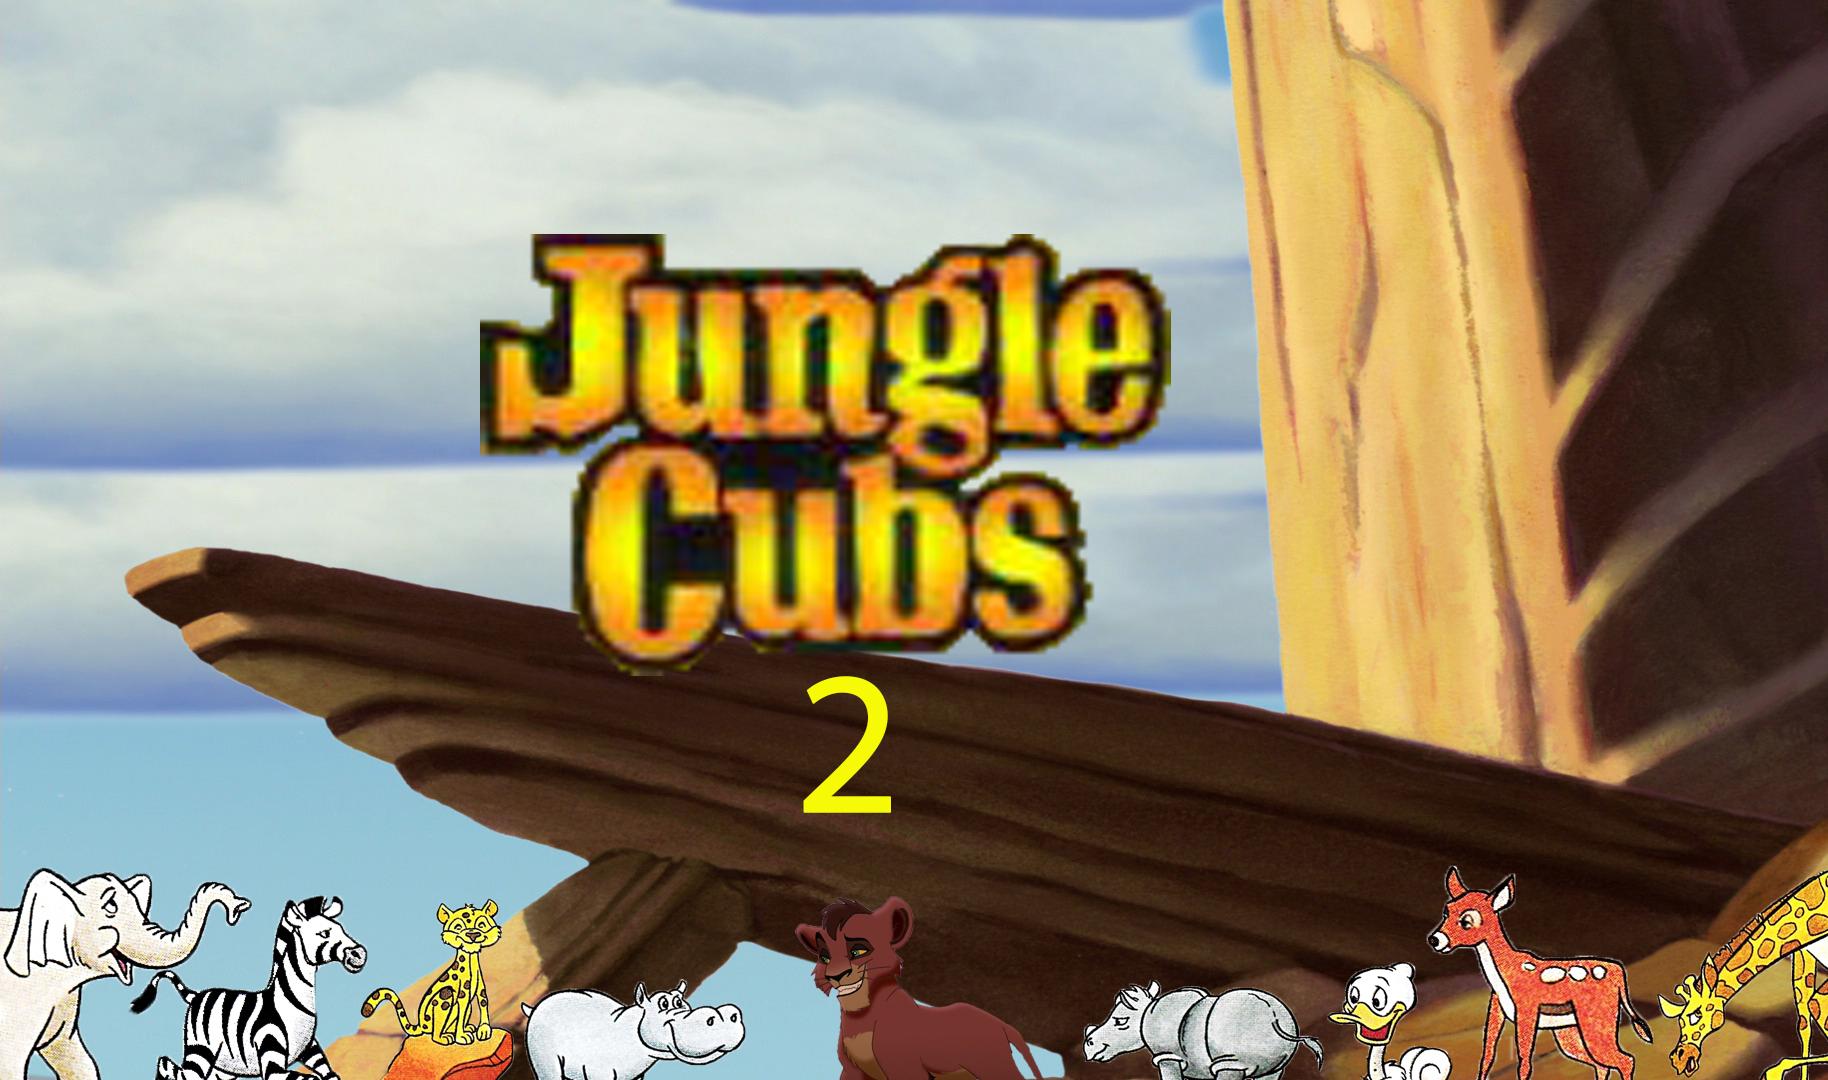 Jungle Cubs 2